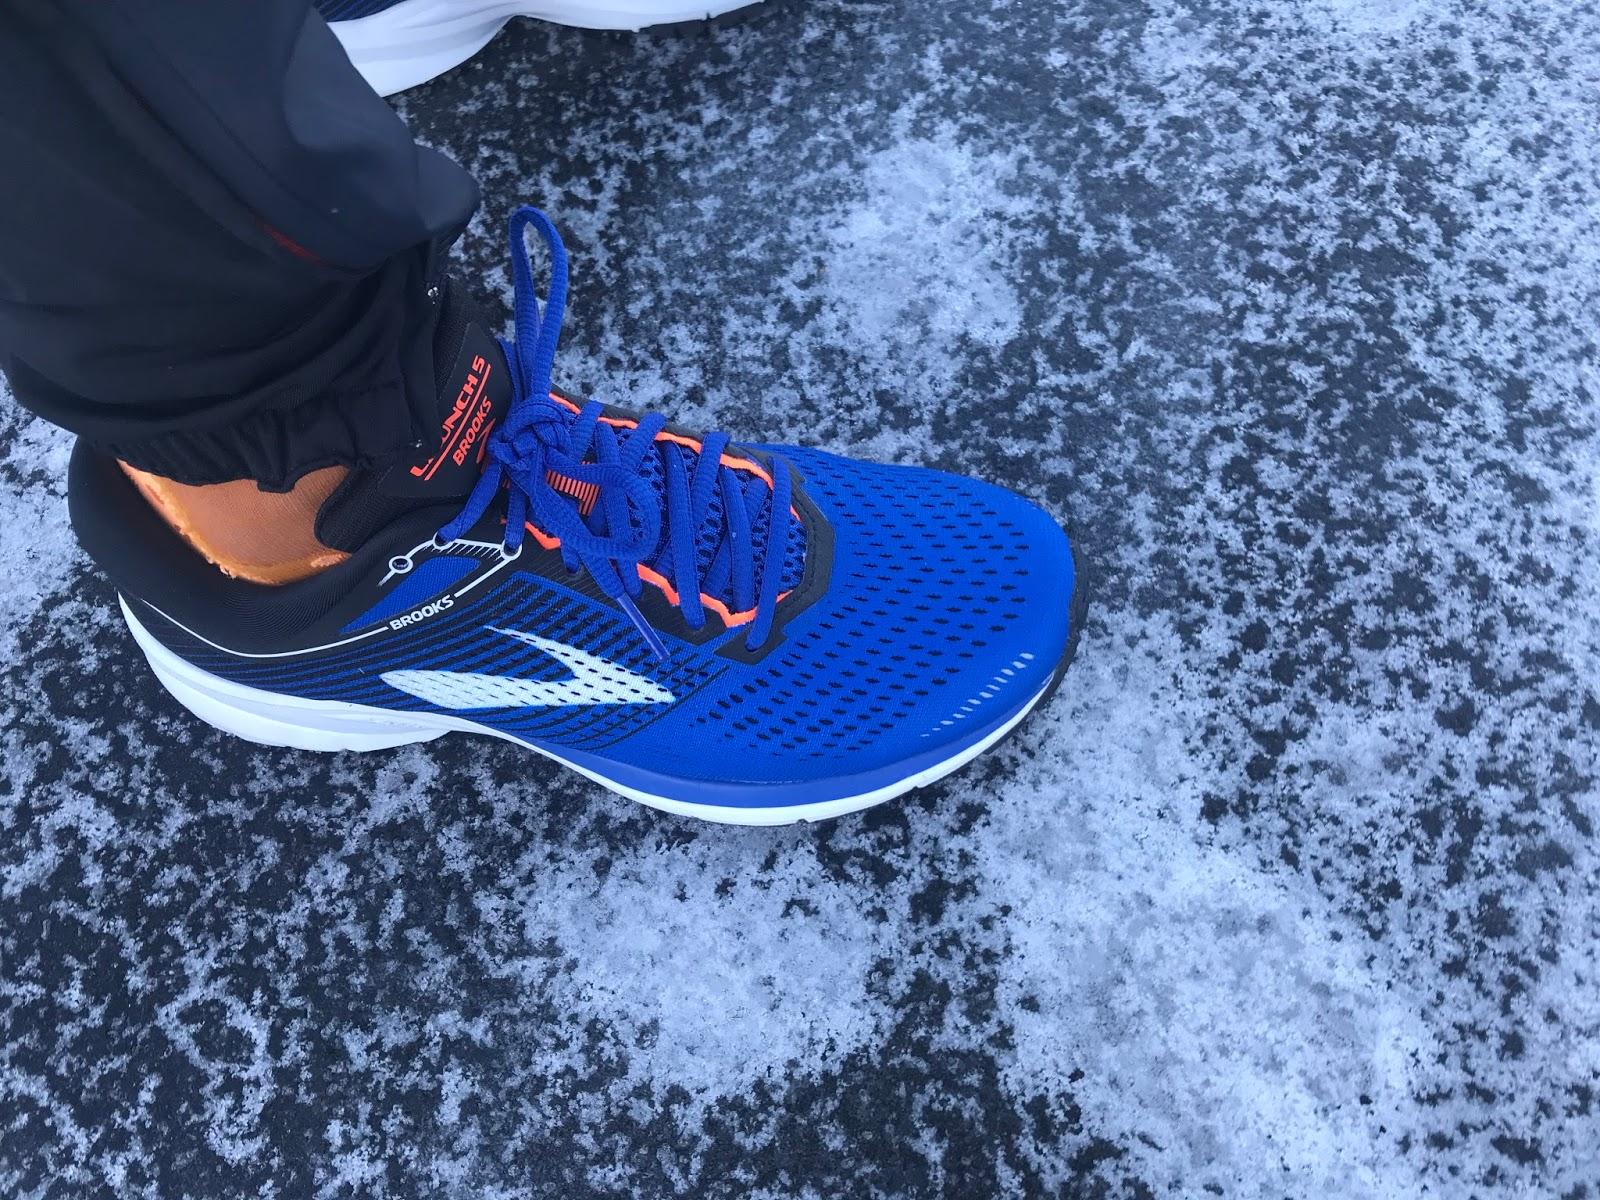 d36e4b18a2e Road Trail Run  Brooks Running Launch 5 Review  A New Upper Relaxes ...